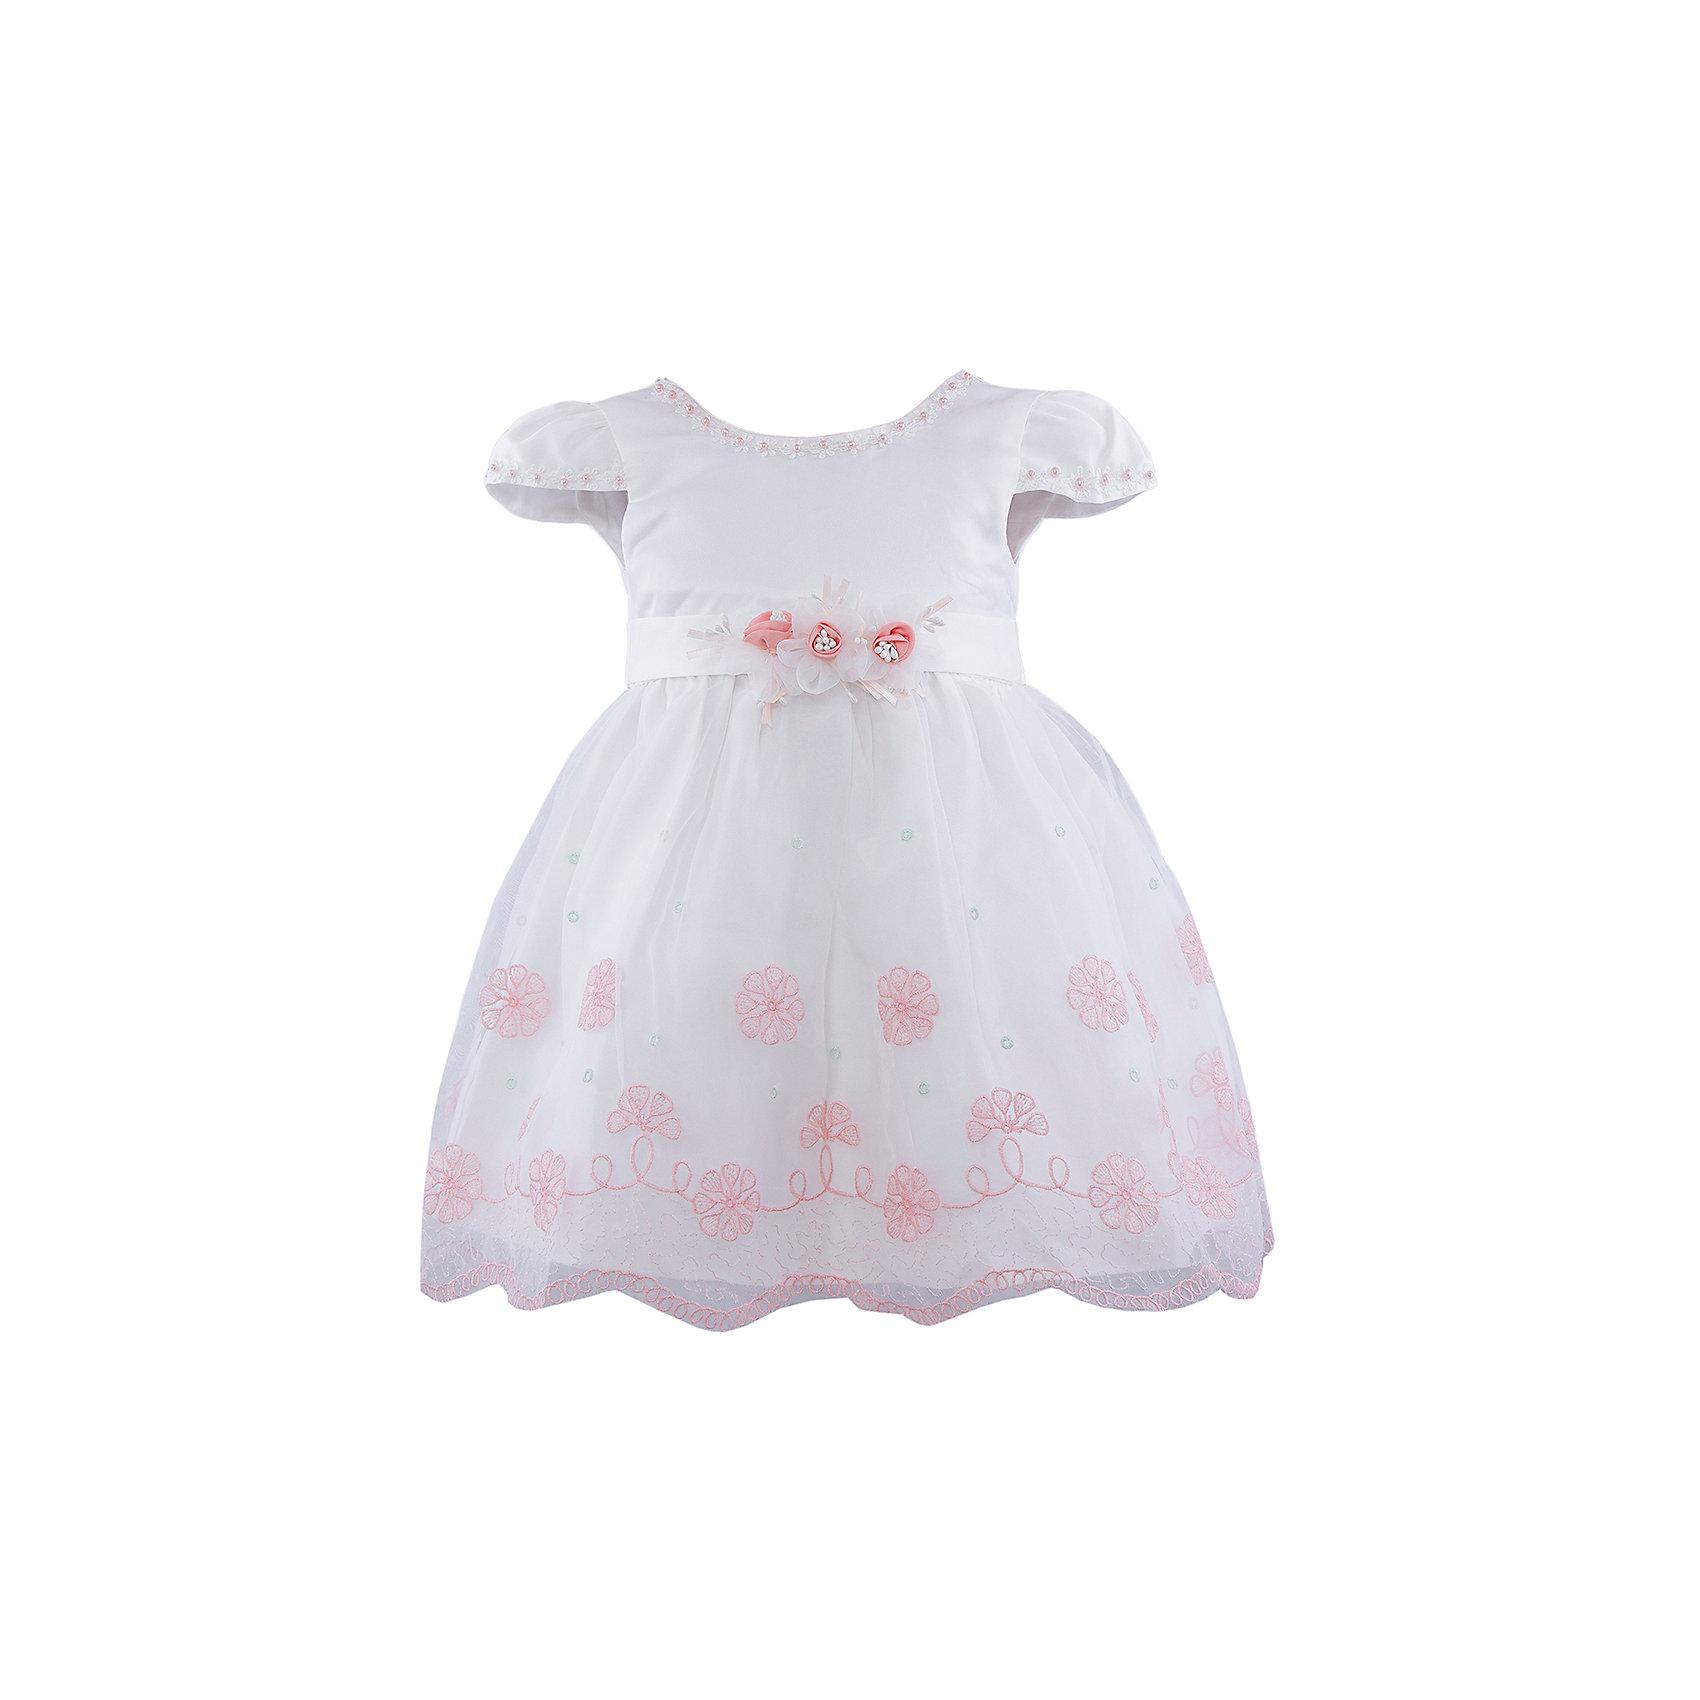 Нарядное платье для девочки VitacciОдежда<br>Платье для девочки от известного бренда Vitacci.<br>Очаровательное платье для маленькой принцессы. Модель отрезная по линии талии,с застёжкой молнией на спинке.<br>Состав:<br>100% полиэстер<br><br>Ширина мм: 236<br>Глубина мм: 16<br>Высота мм: 184<br>Вес г: 177<br>Цвет: белый/коралловый<br>Возраст от месяцев: 18<br>Возраст до месяцев: 24<br>Пол: Женский<br>Возраст: Детский<br>Размер: 90,100,110,120,80<br>SKU: 4956073